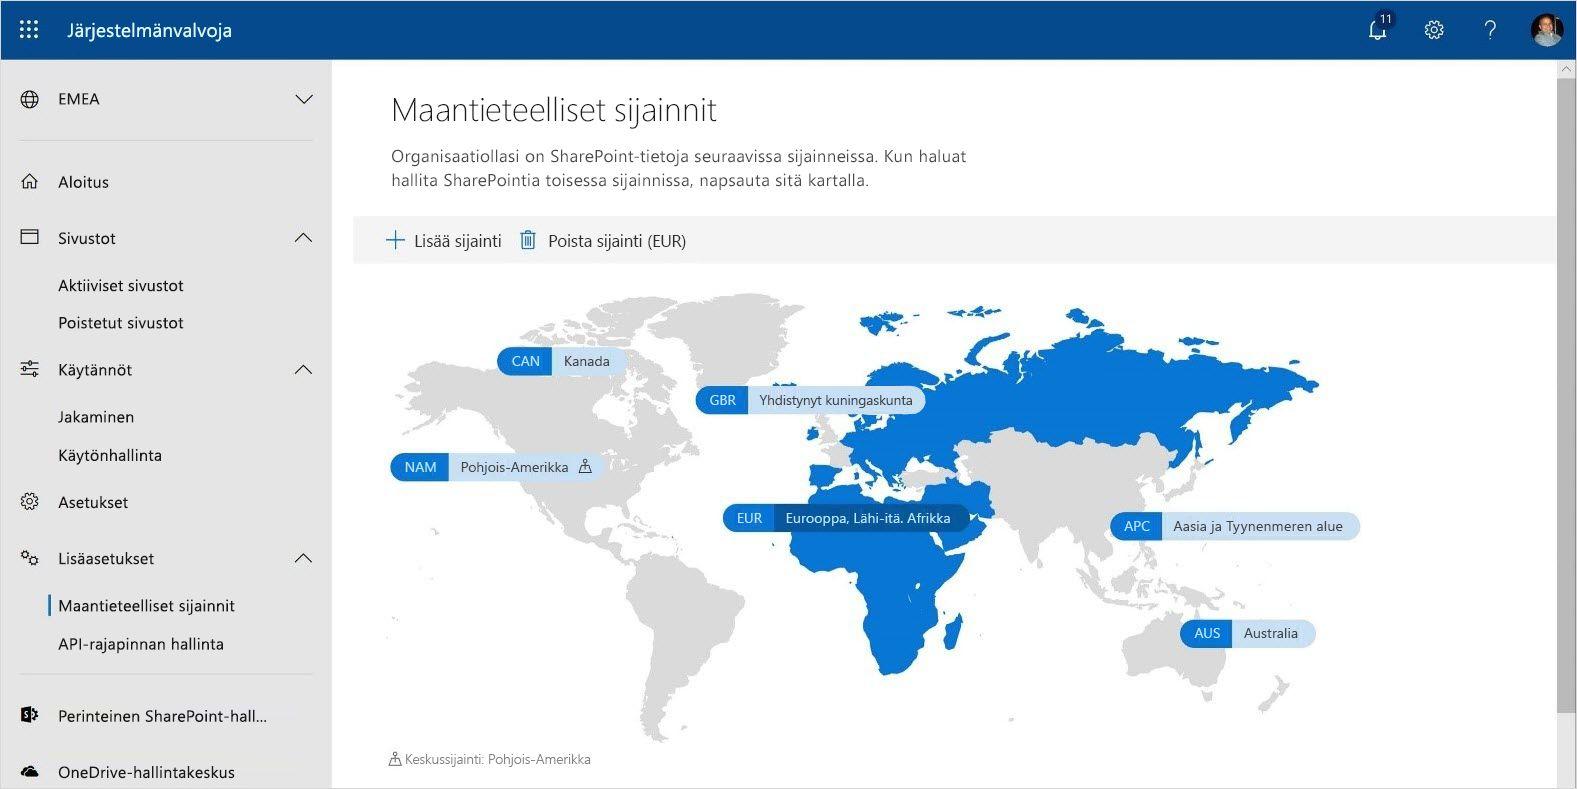 Kuva, jossa näkyvät Multi-Geo Capabilities -toiminnot Office 365:ssä.